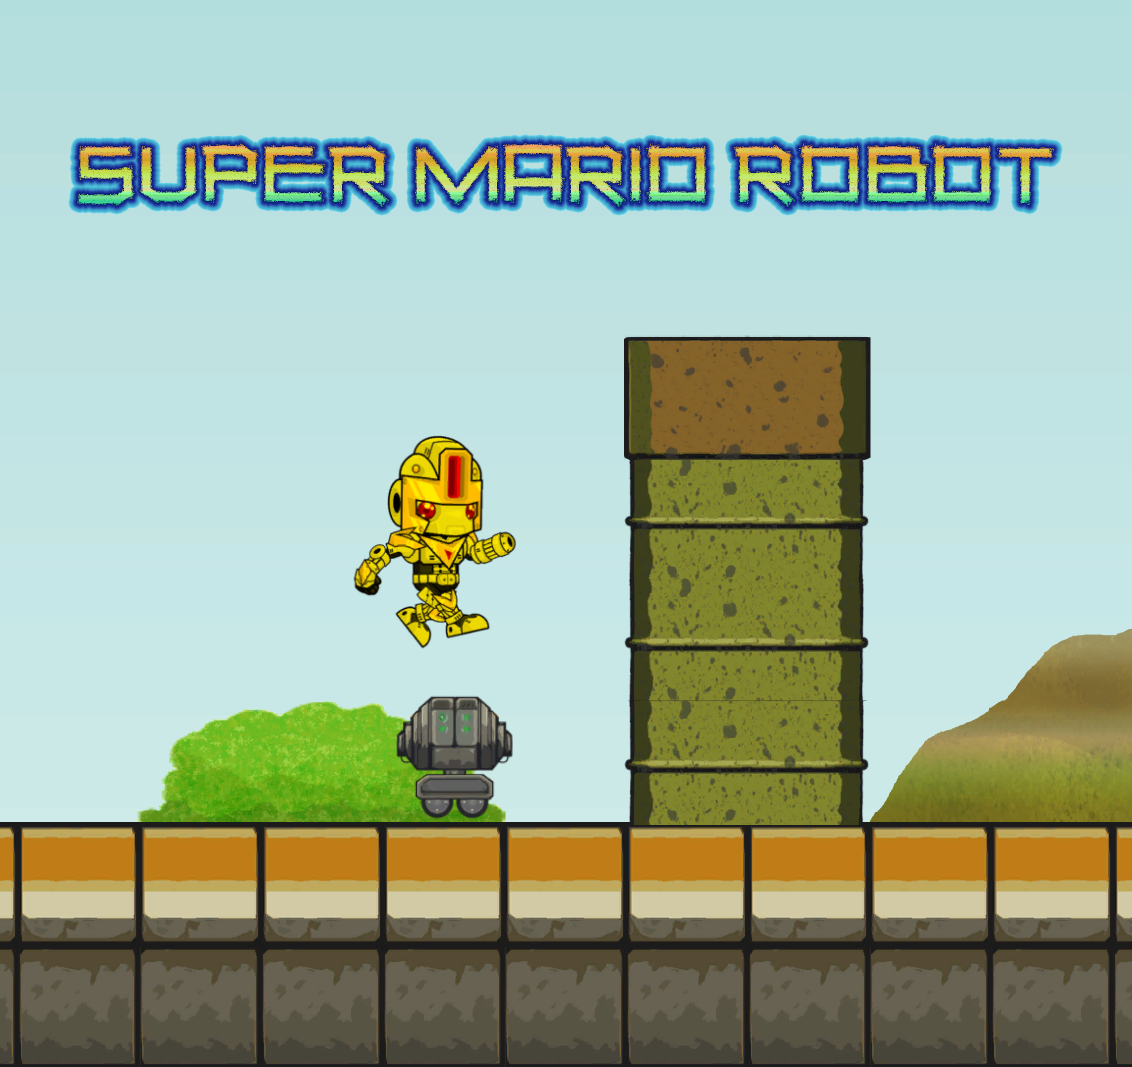 Super Mario Robot